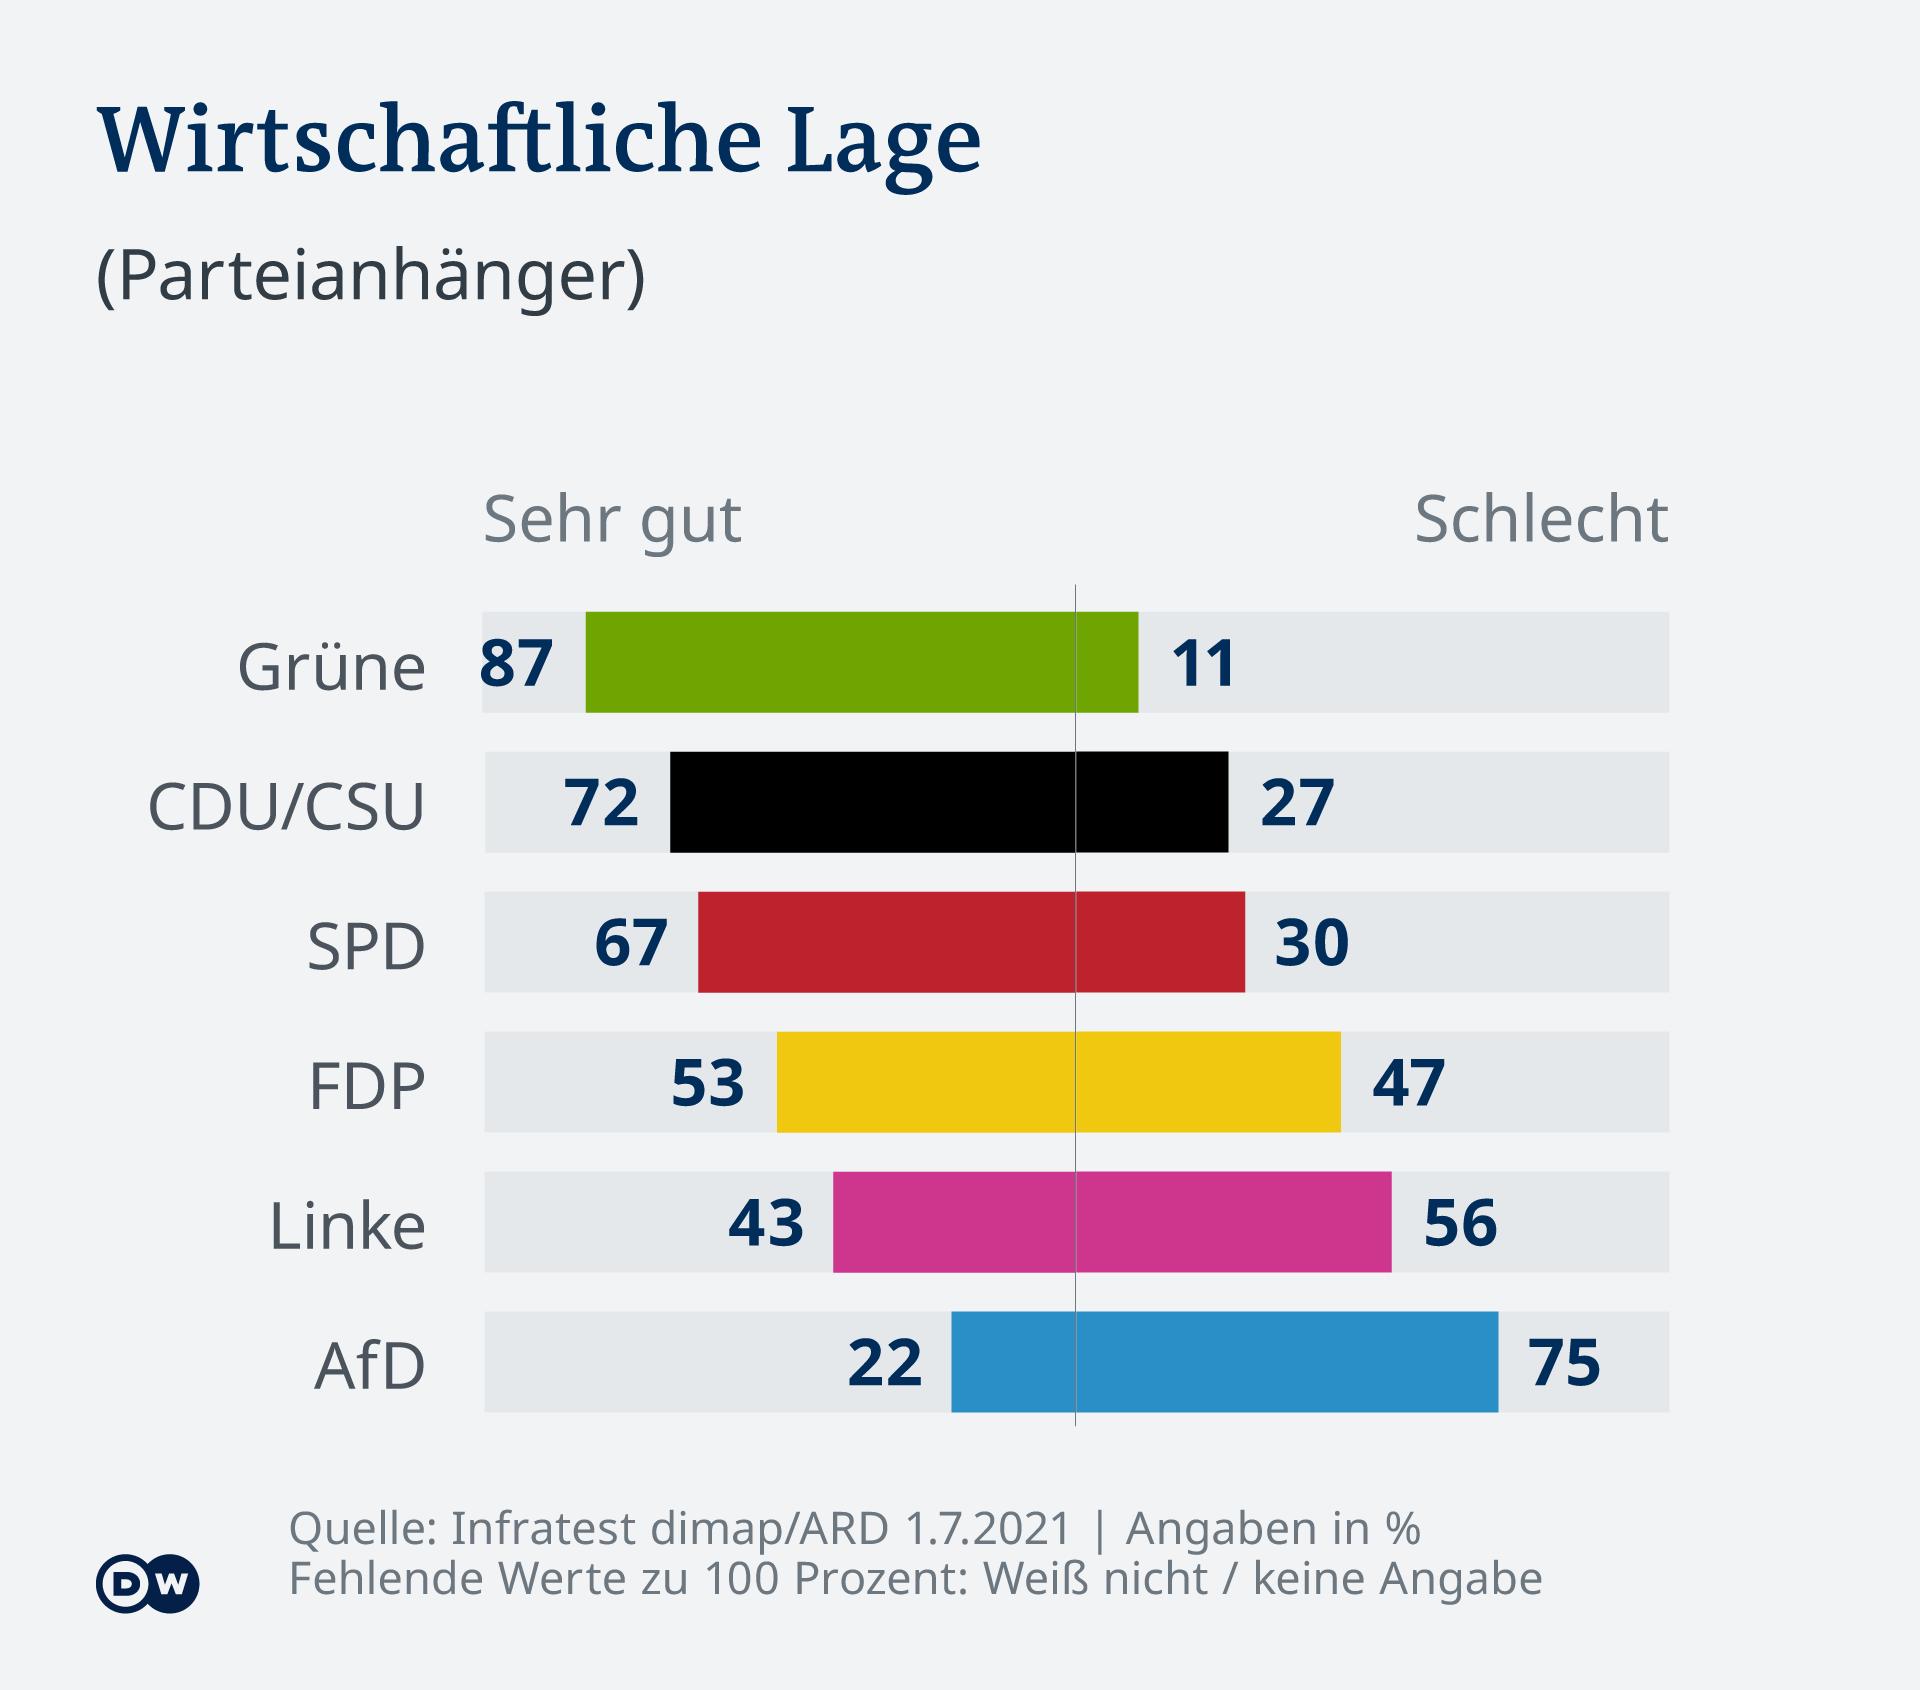 Kako građani Nemačke ocenjuju ekonomsku situaciju u zaisnosti od toga za koju stranku glasaju (levo: veoma dobro, desno: loše)